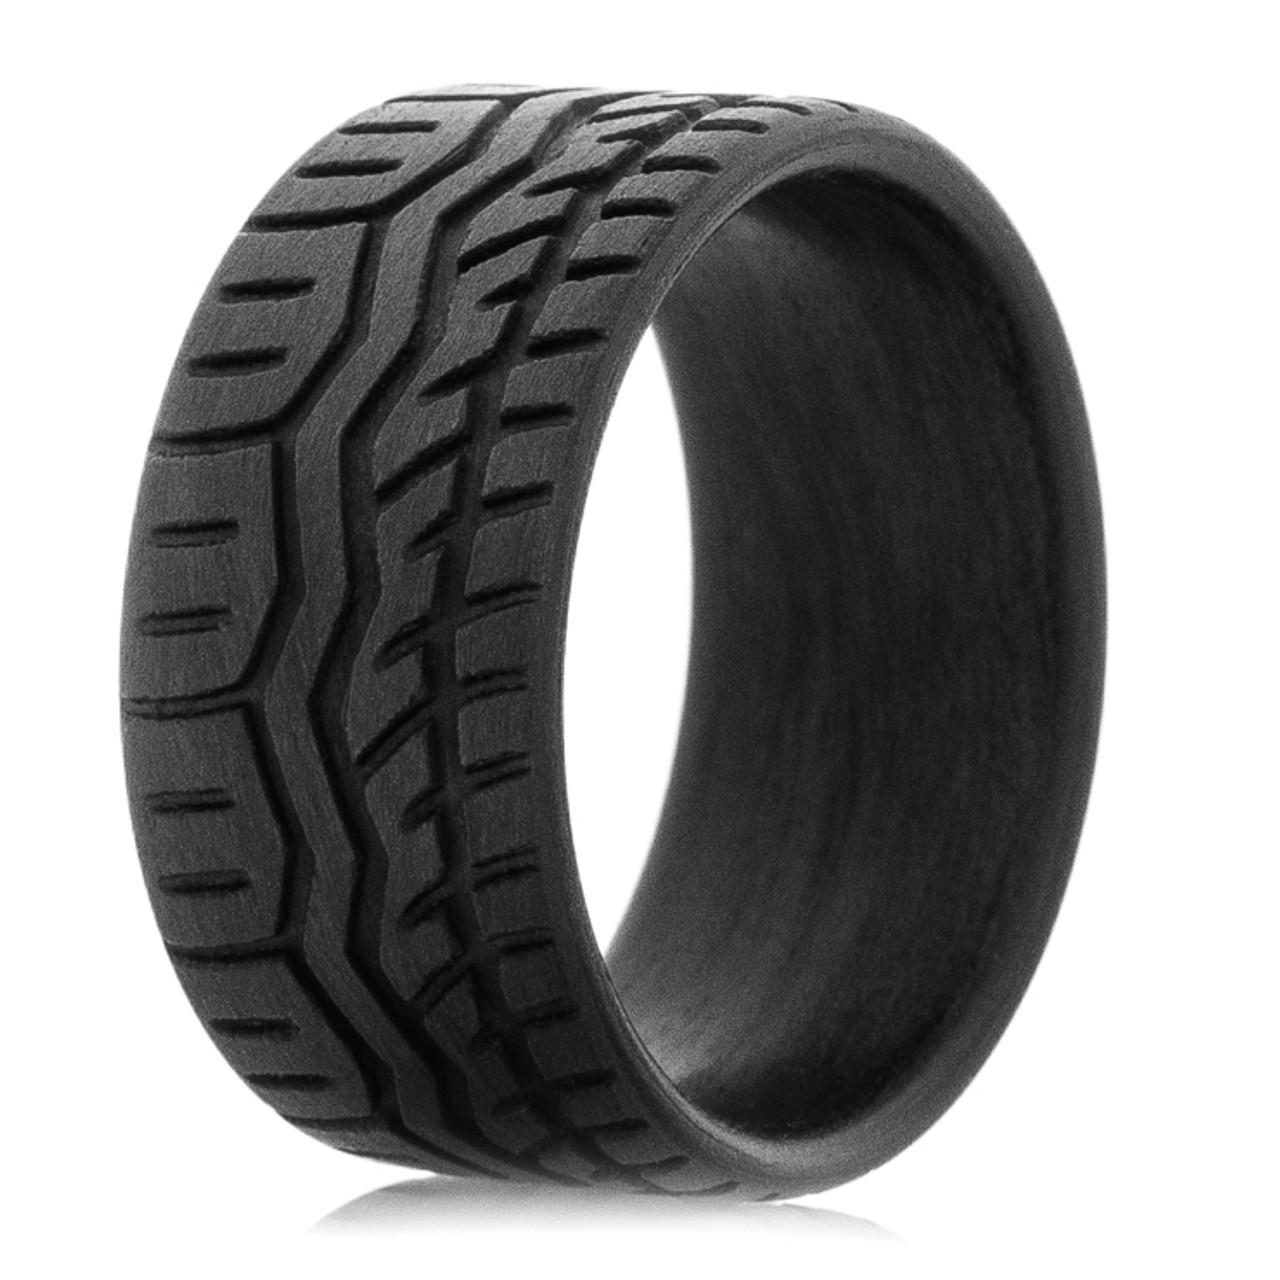 Men S Carbon Fiber Drift Tire Wedding Band